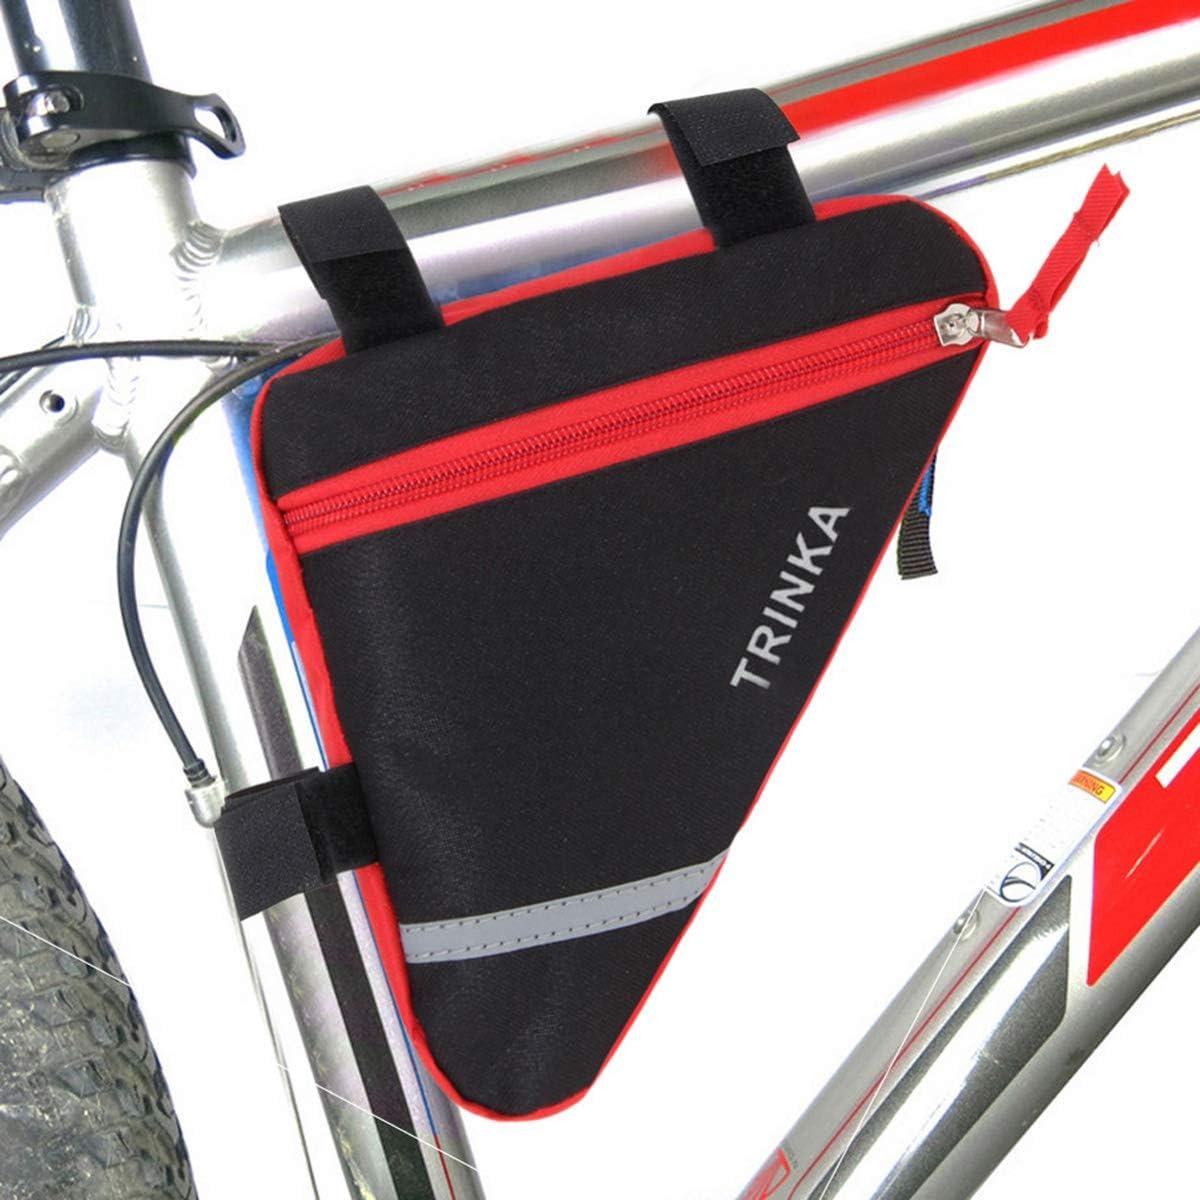 LIOOBO Ciclismo Manillar Bolsas Bicicleta Tubo Superior Bolsa Tri/ángulo Carretera Bicicleta Bastidor Delantero Bolsa Bicicleta de monta/ña Accesorios Rojo